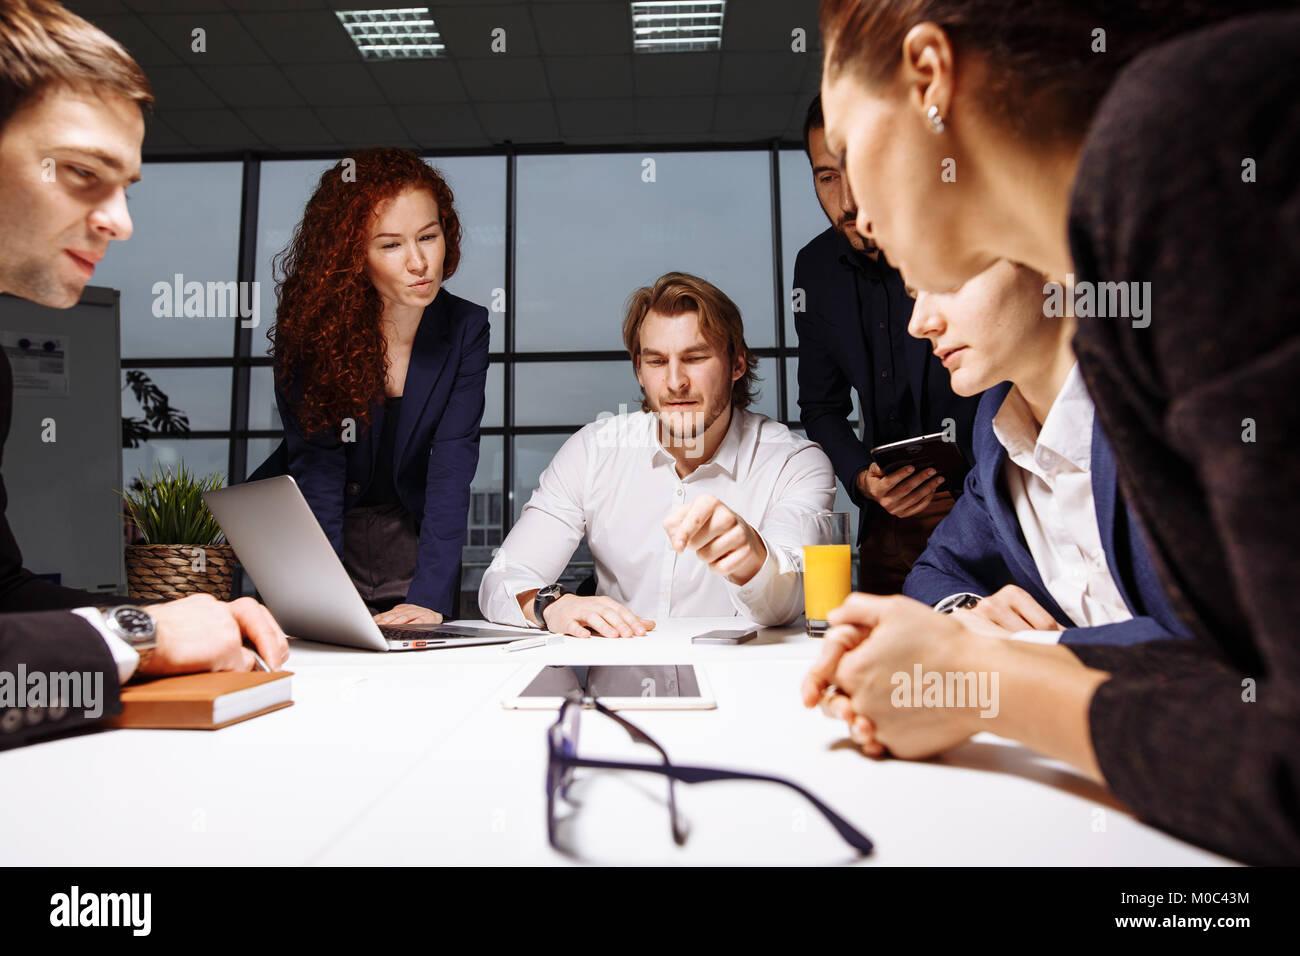 Negocios, tecnología y concepto de oficina - sonriendo boss hablando con equipo empresarial Imagen De Stock